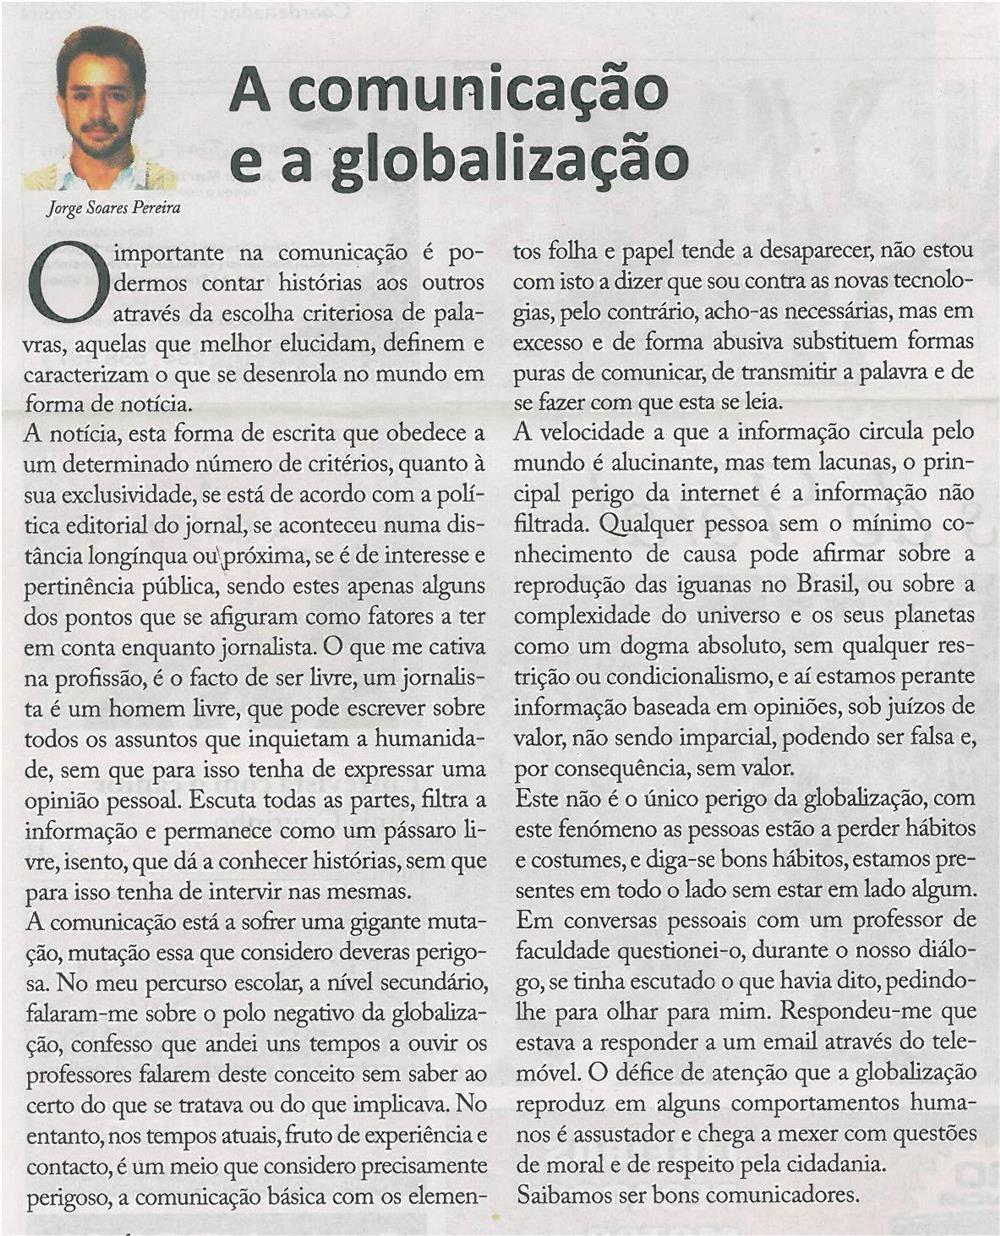 JPEG: EV-maio'14-p2-A comunicação e a globalização